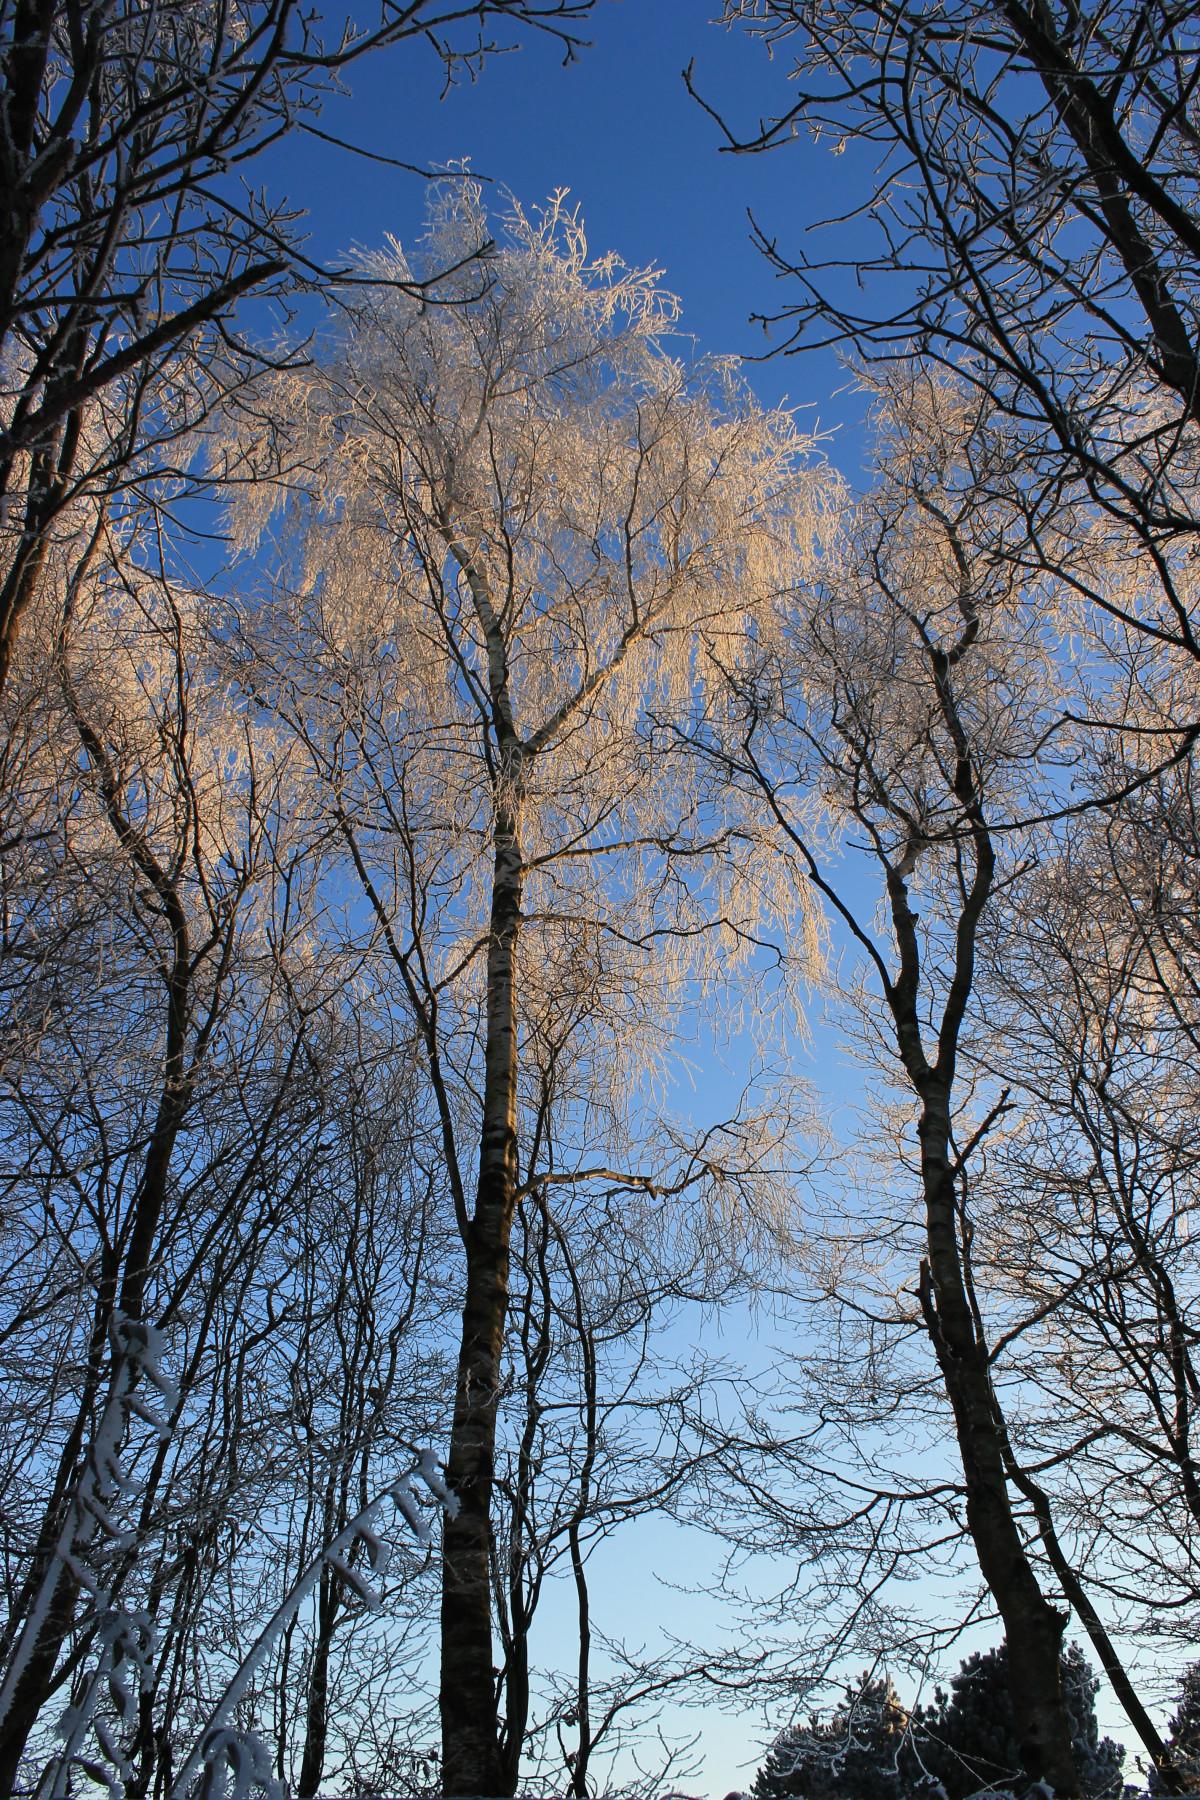 Gambar : pemandangan, pohon, alam, hutan, cabang, salju